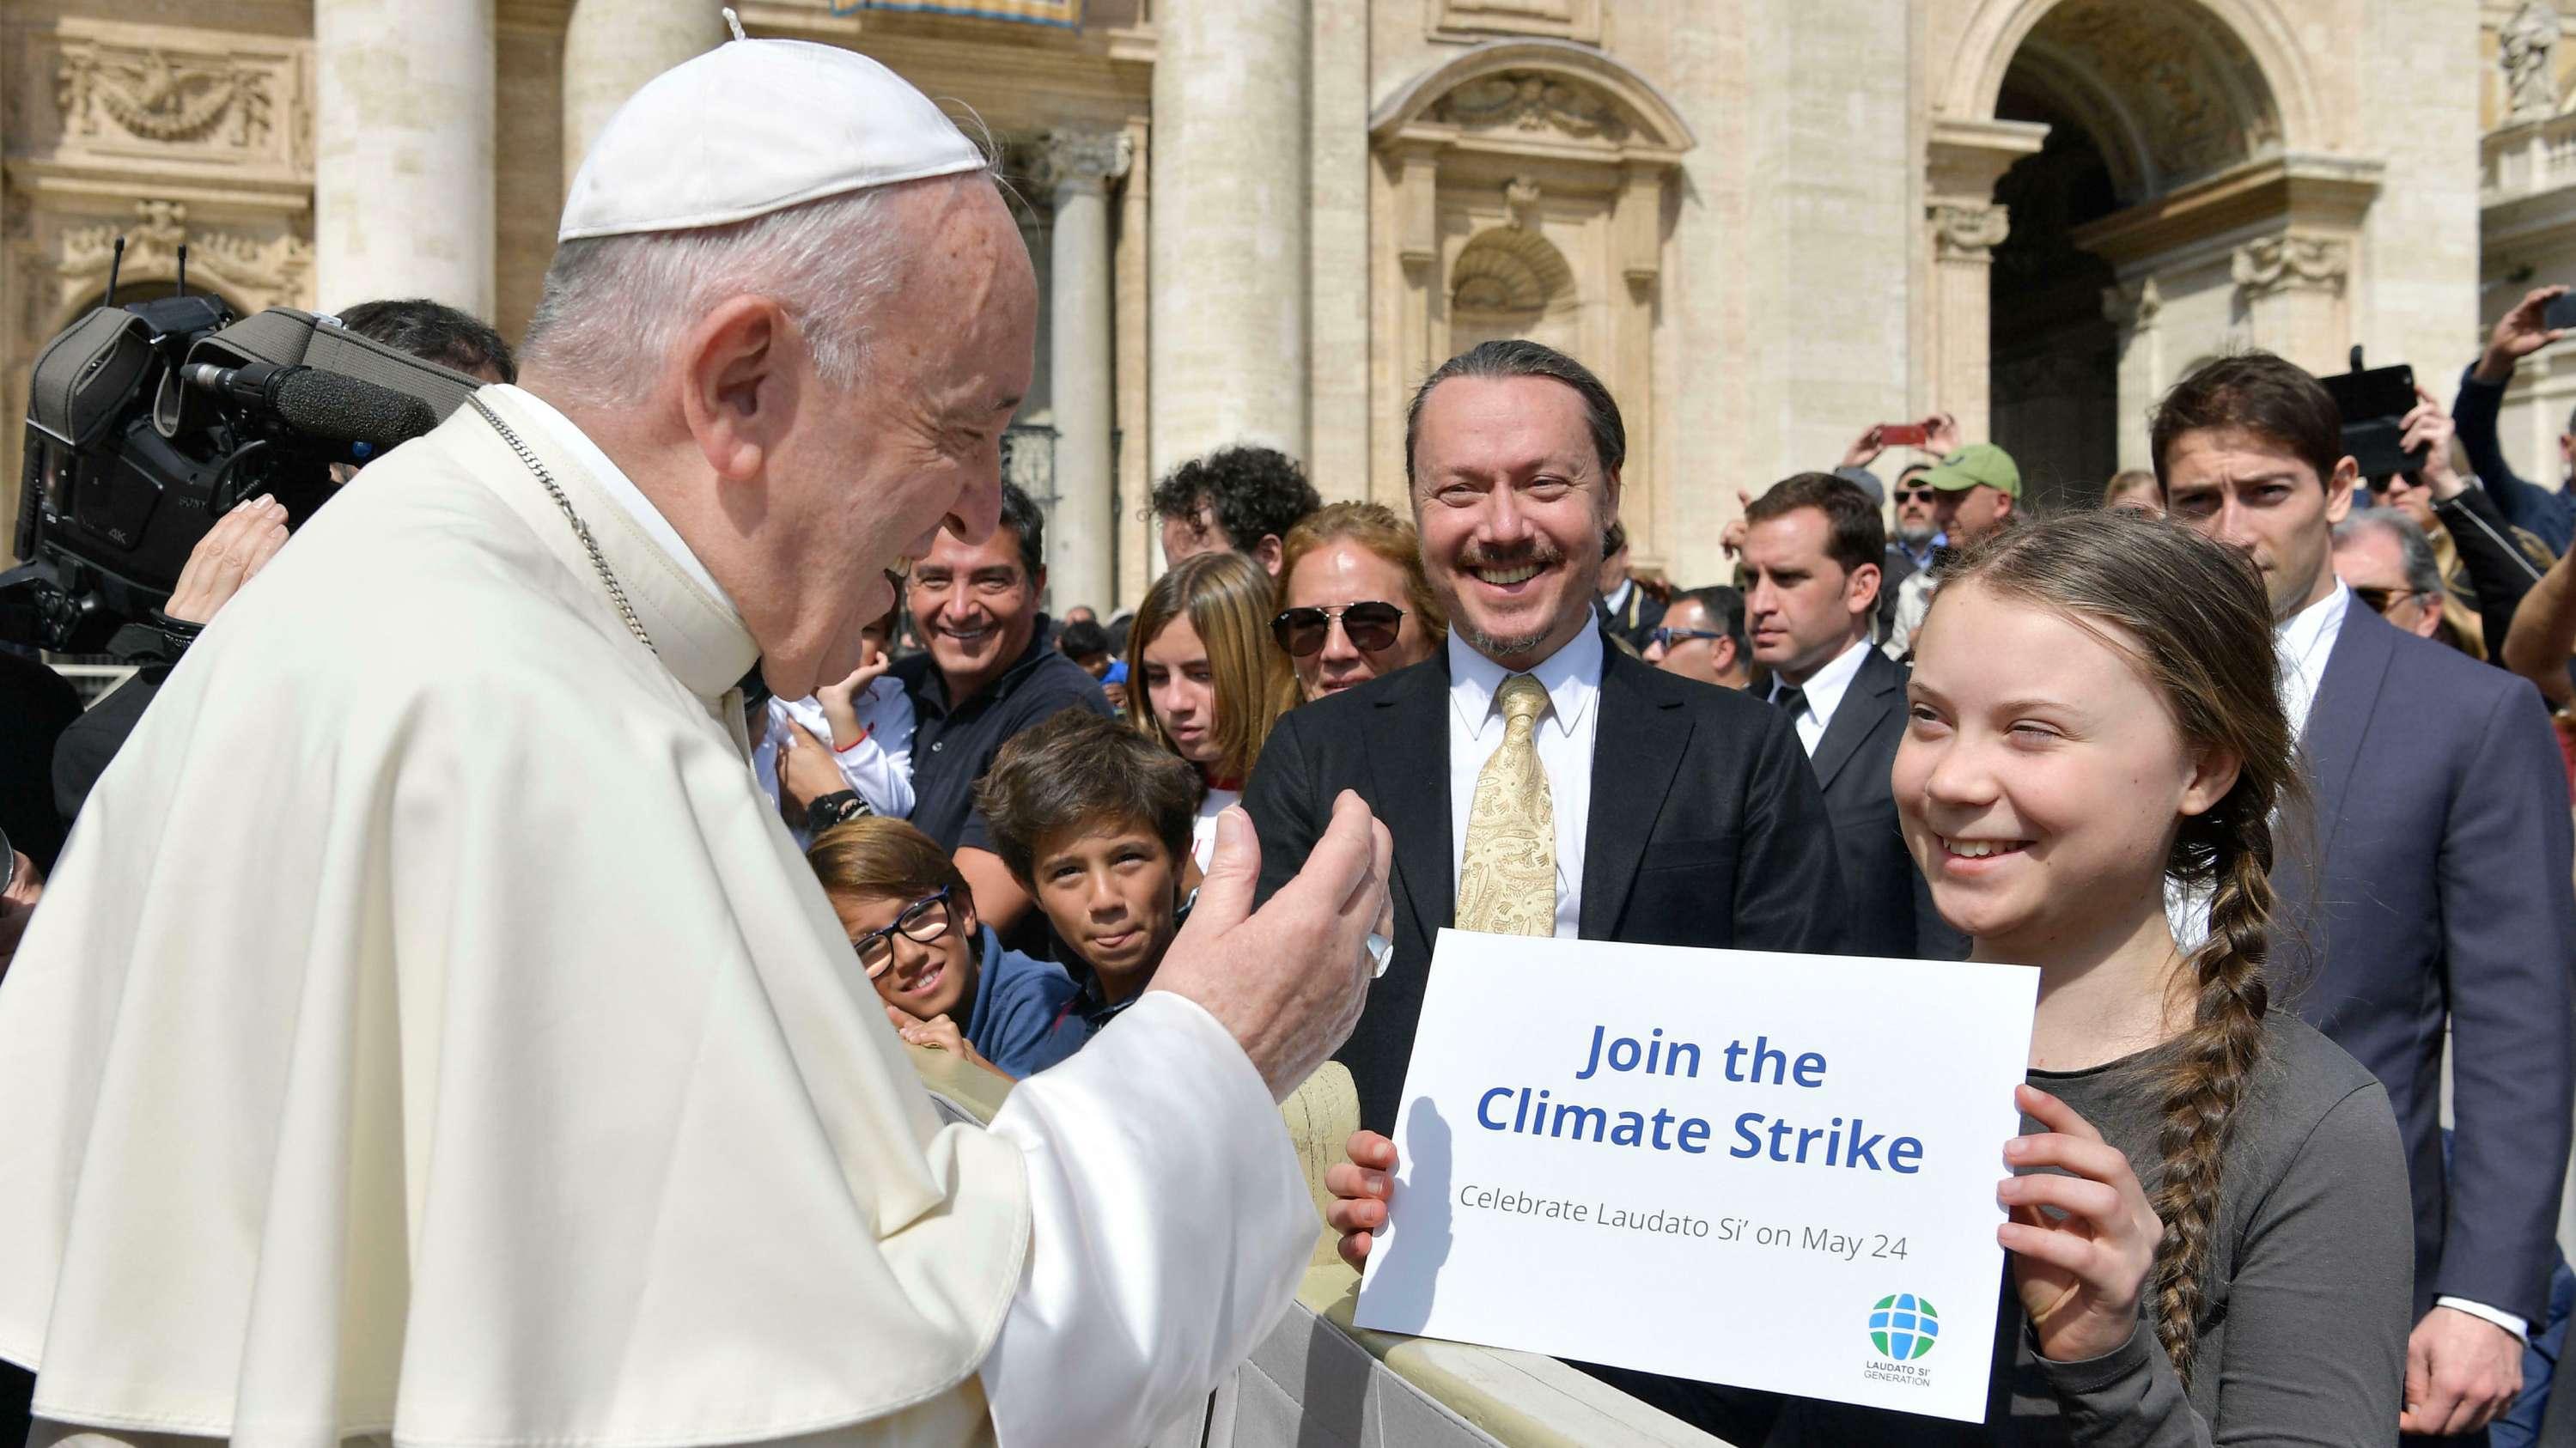 Papst Franziskus begrüßt die schwedische Klimaaktivistin Greta Thunberg auf dem Petersplatz im Vatikan.